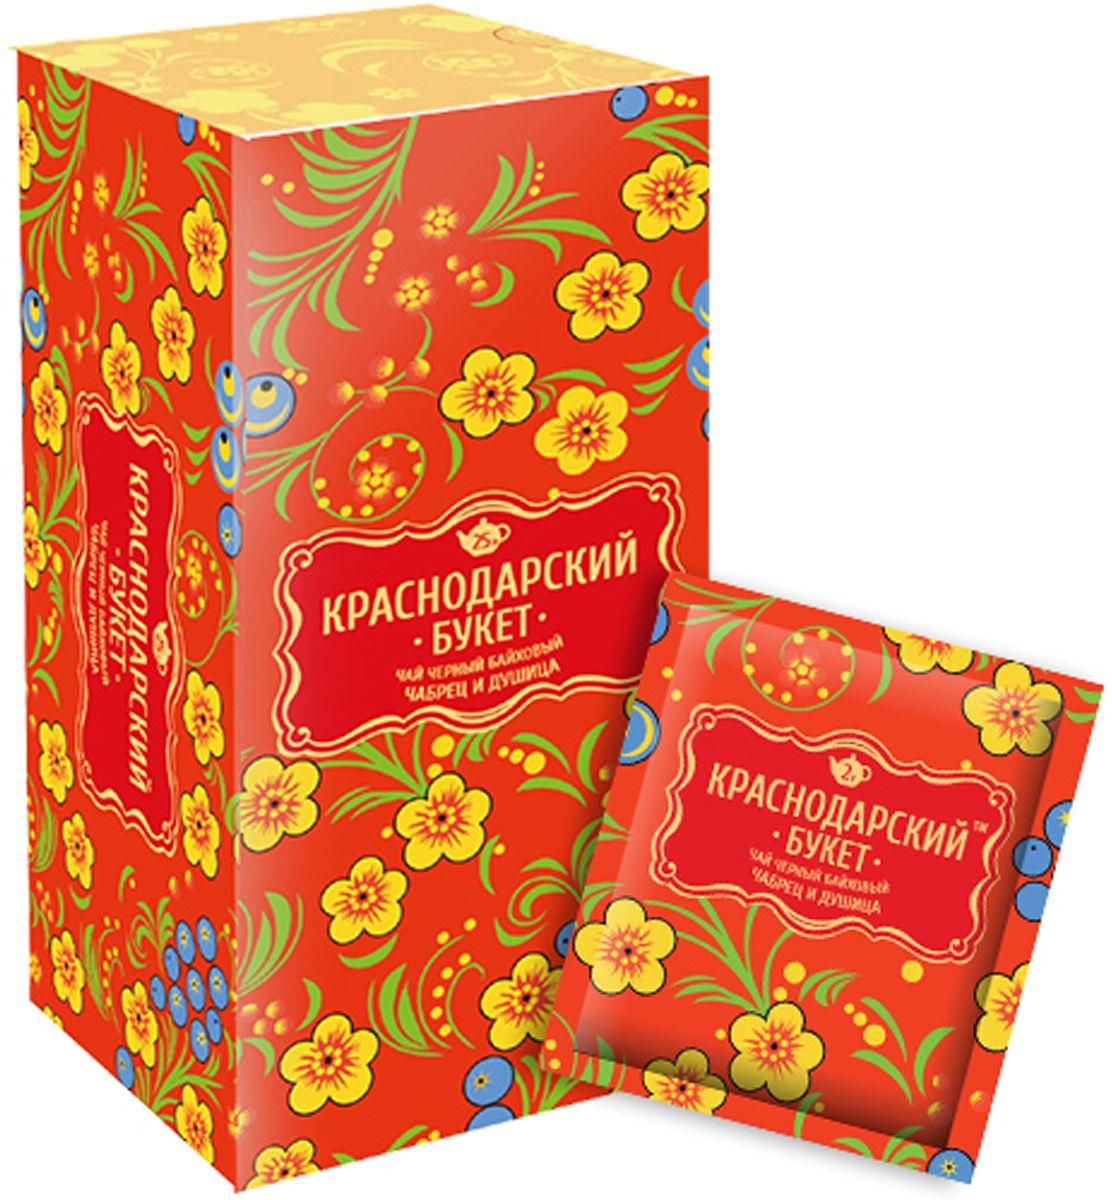 Краснодарский букет чай черный с чабрецом и душицей в пакетиках, 25 шт101246Особенный приятный аромат и вкус этому чаю придает добавление благоухающих, медоносных трав - чабреца и душицы.